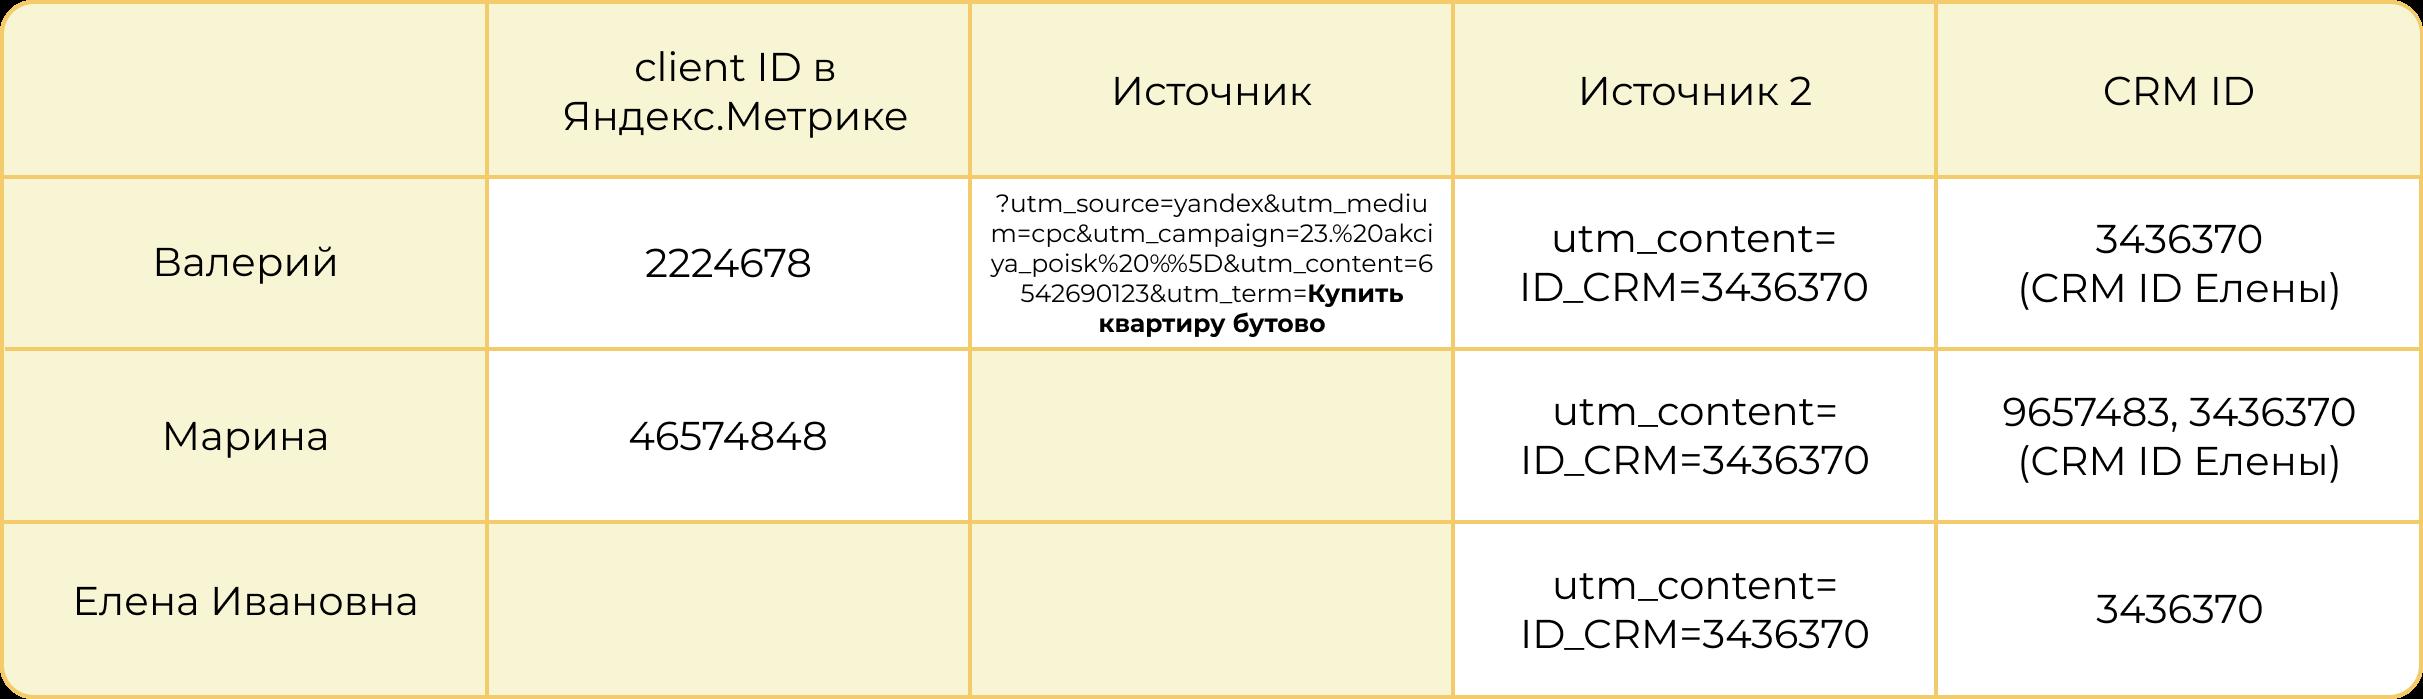 С помощью UTM-метки мы смогли связать трех разных пользователей и их действия в одной сделке